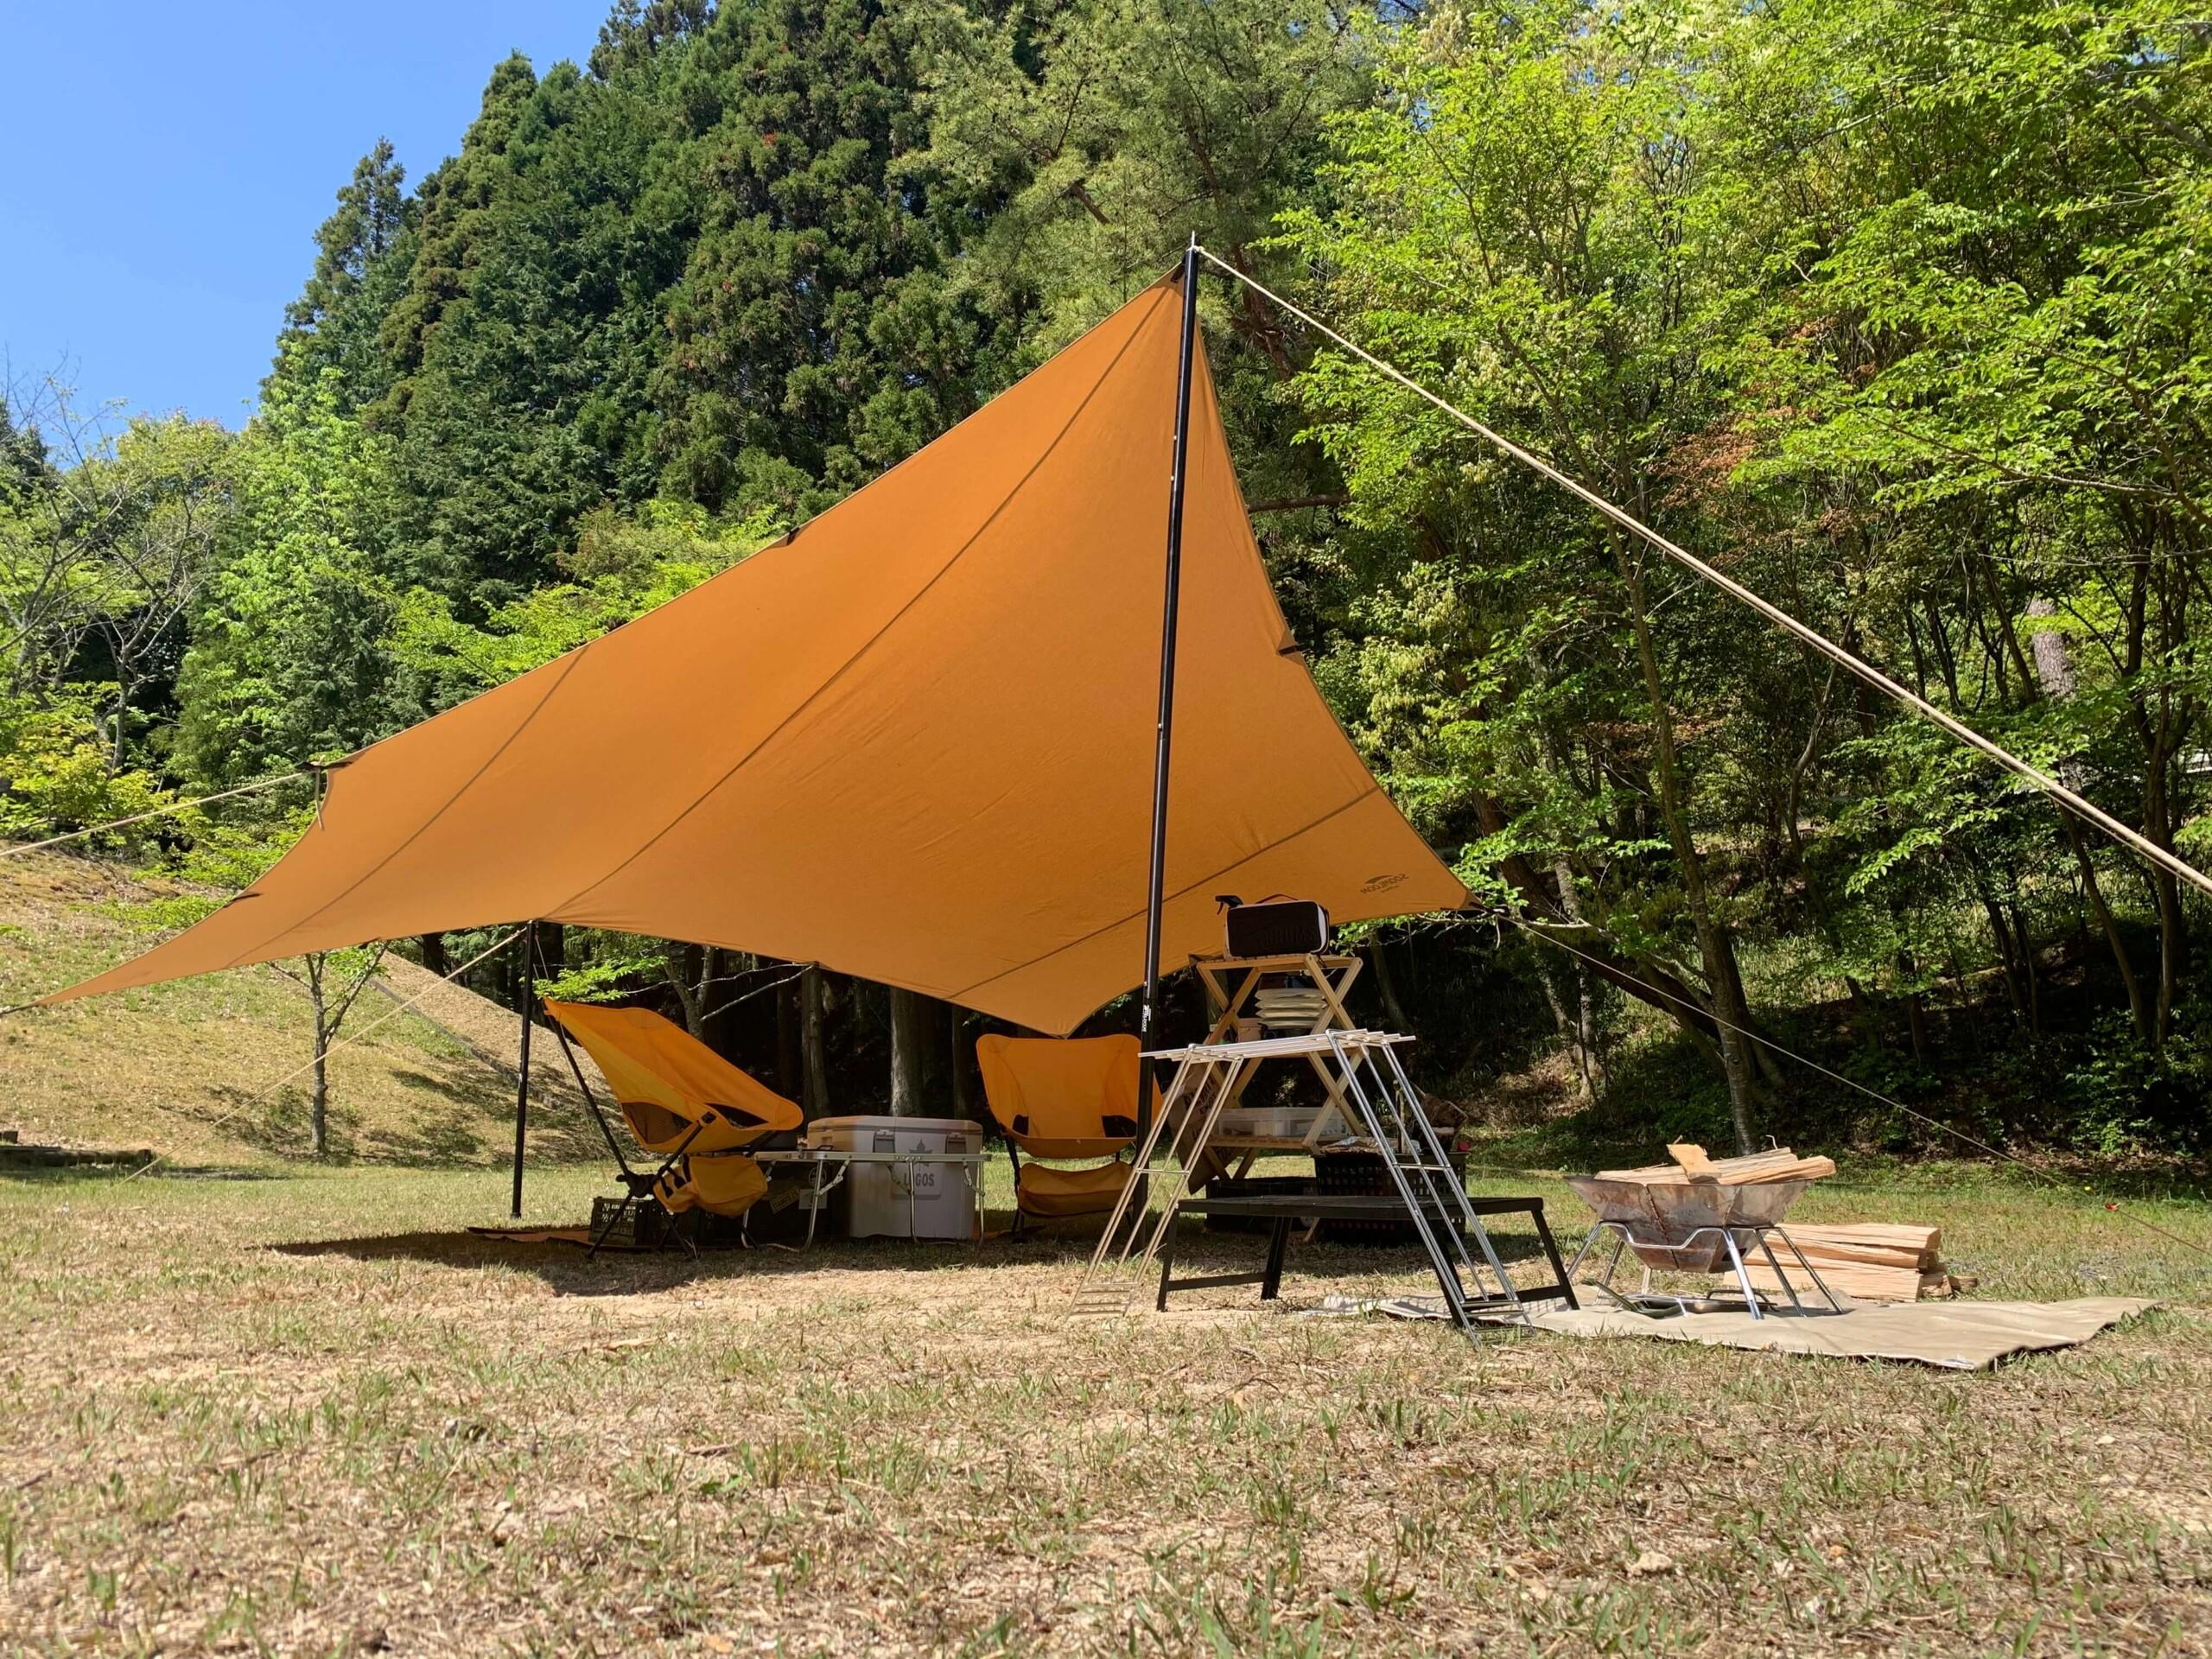 福山羽高湖キャンプ場テント外」